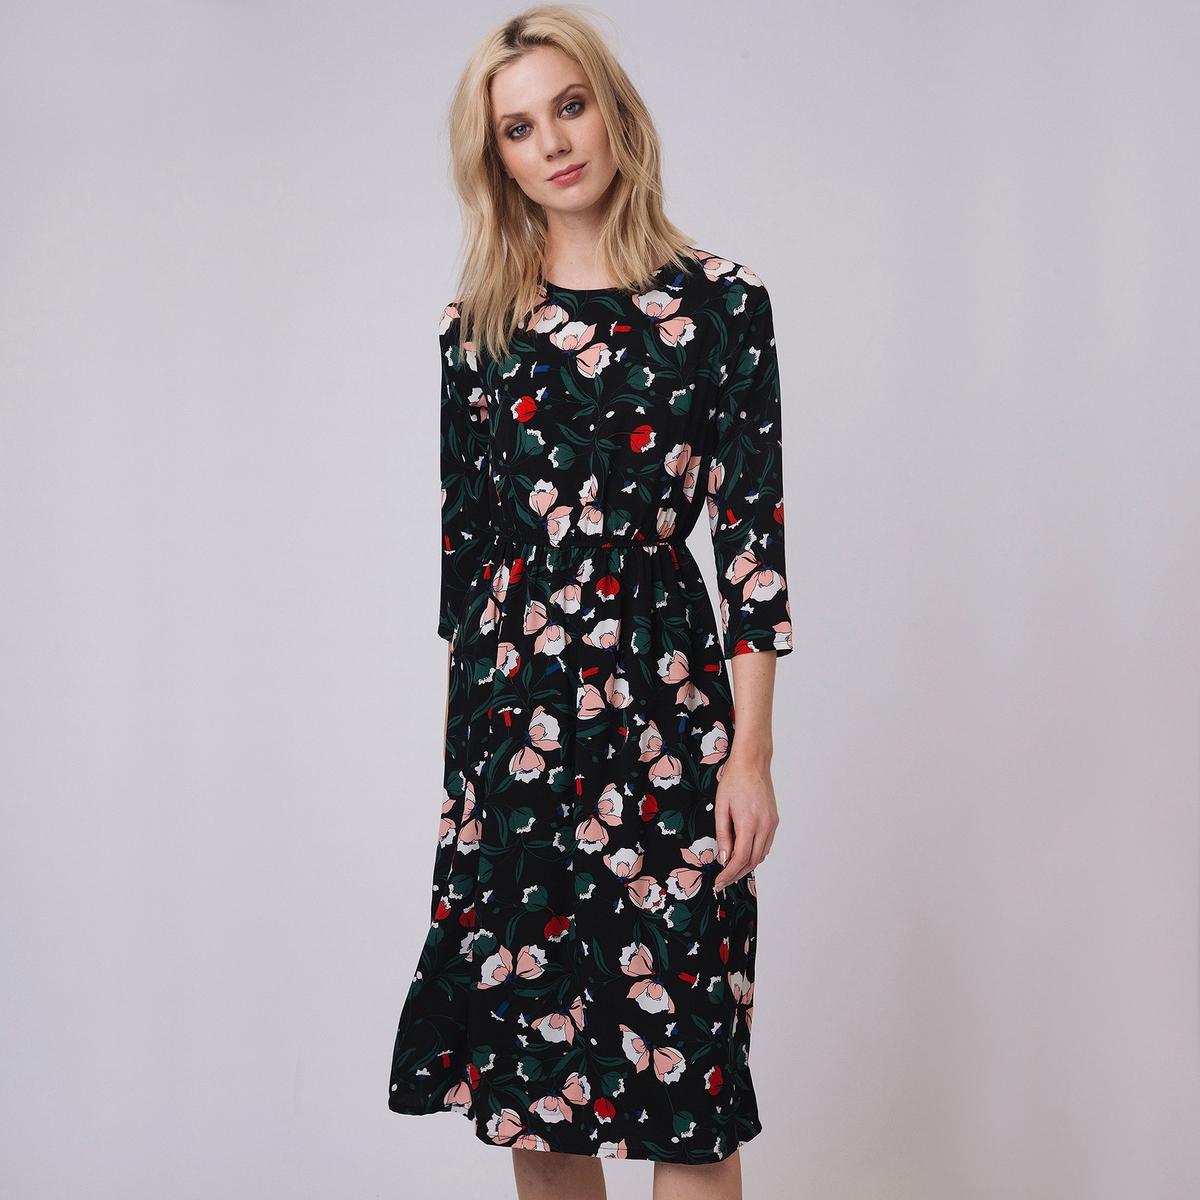 Платье с рукавами 3/4, цветочным рисунком и длиной до колен буэнос ниньос пояс оформлены юбку карандаш с коротким рукавом платье длиной до колен